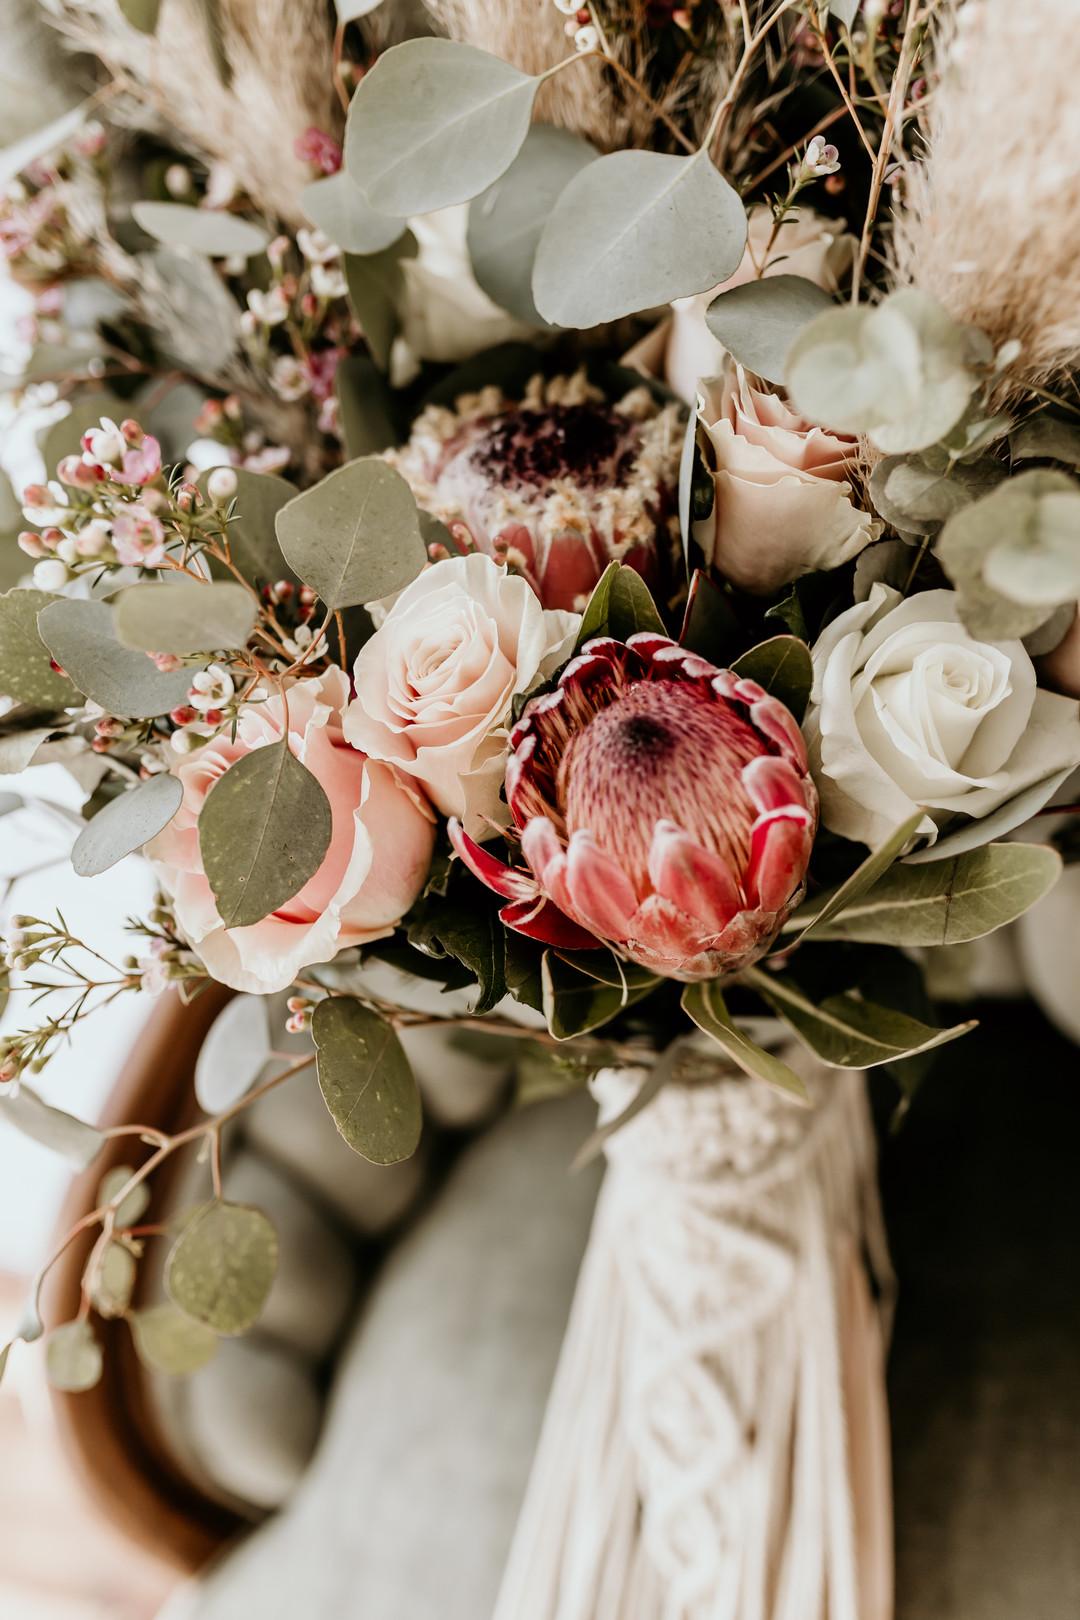 bröllopsinspiration+boho+romantiskt+bukett